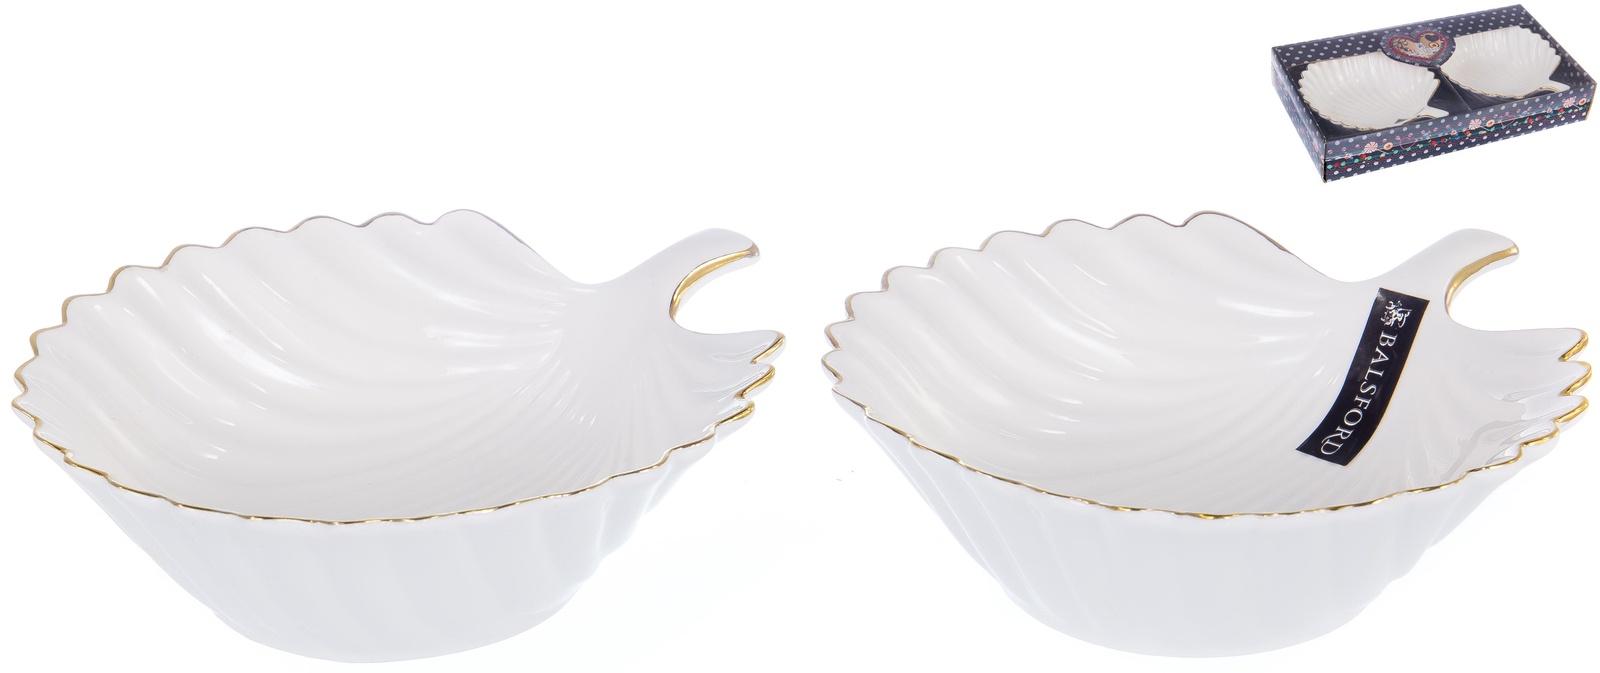 Набор 2 фигурных салатника размером 16см, ГРАЦИЯ, NEW BONE CHINAа NEW BONE CHINA, декор белый с золотом, подарочная упаковка с окном и бантом, ТМ Balsford, 101-01046